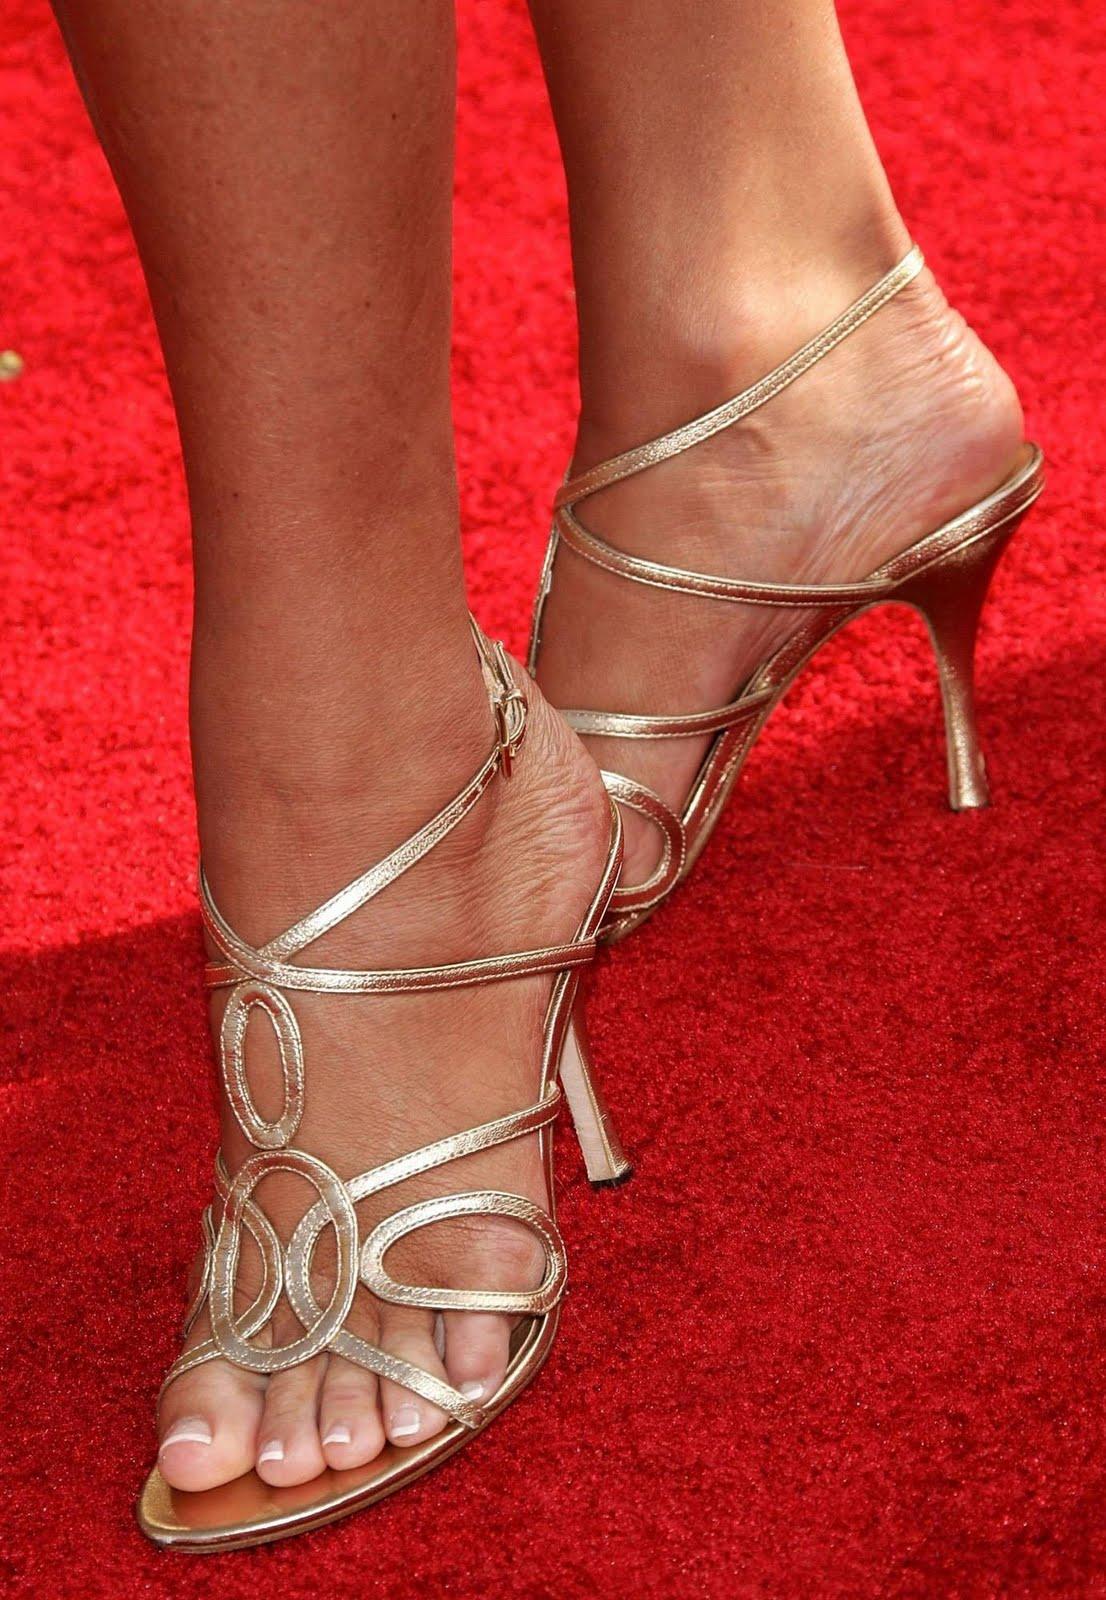 http://4.bp.blogspot.com/_UaLWp72nij4/TBaQmpWVNdI/AAAAAAAAO1o/fP4v7iIIYK8/s1600/nancy-o-dell-feet.jpg